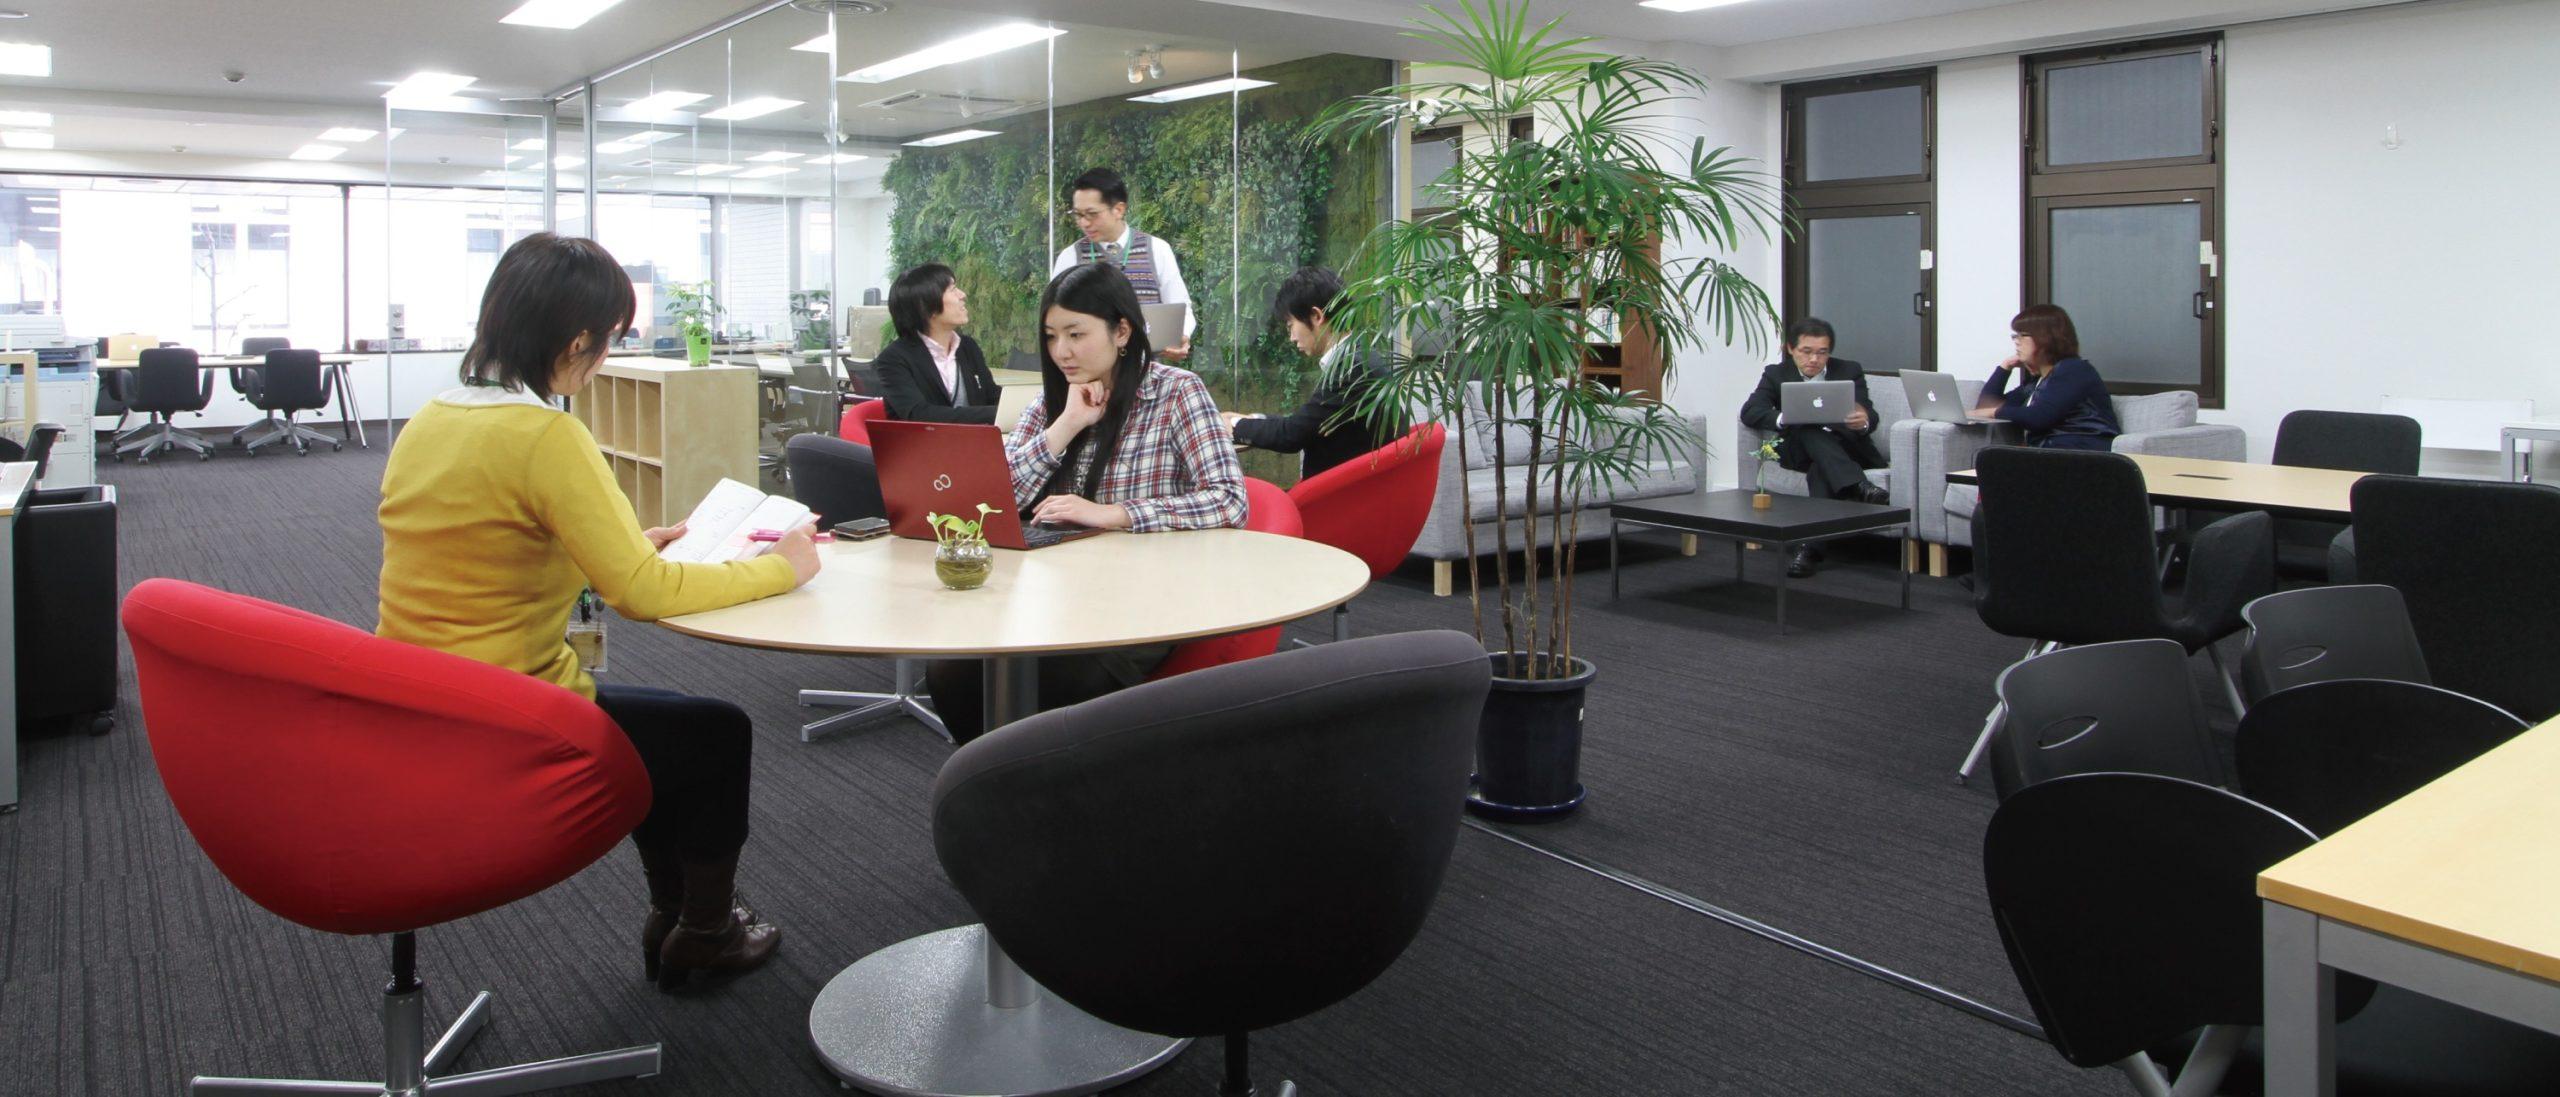 京都のコワーキング シェアオフィス FVC Mesh KYOTO 内観 free desk